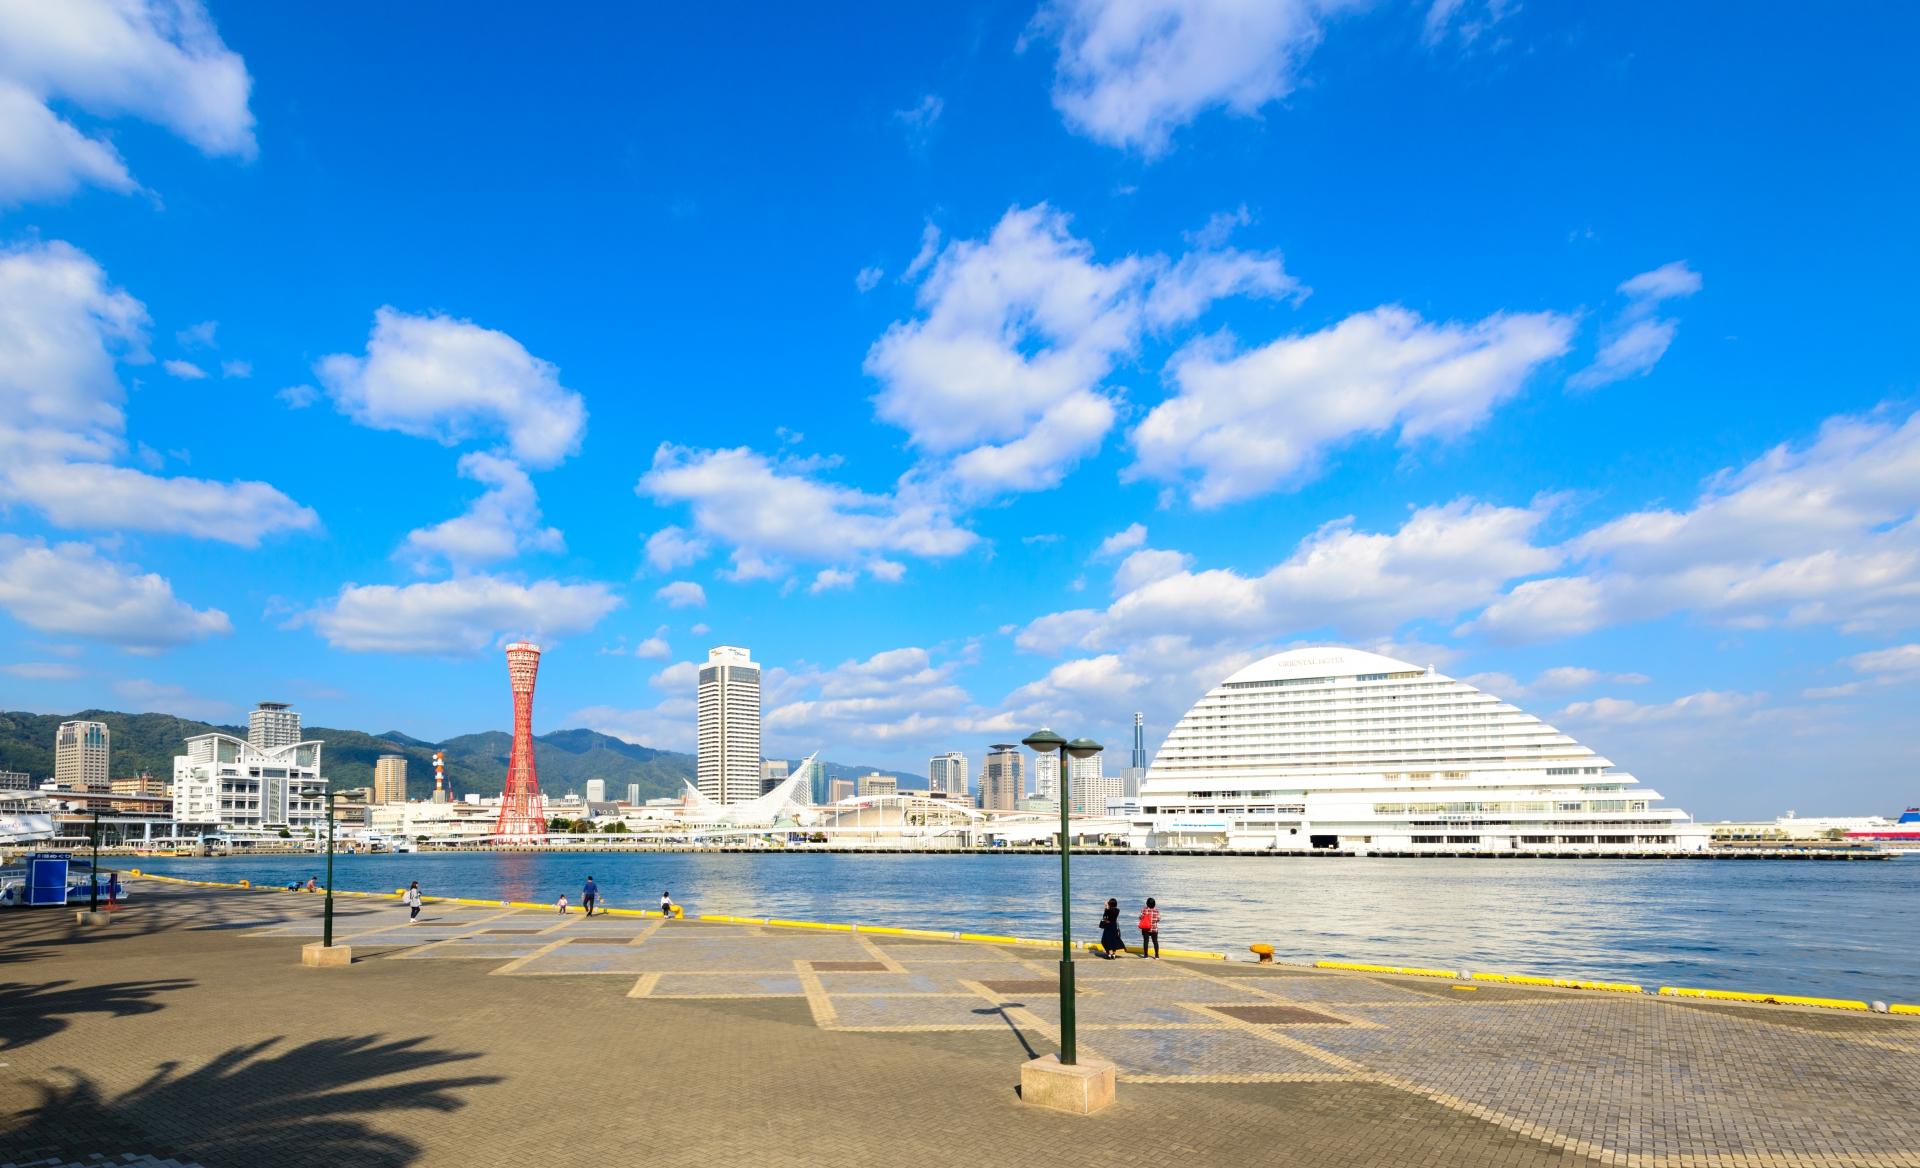 ばり兵庫県ですよ。